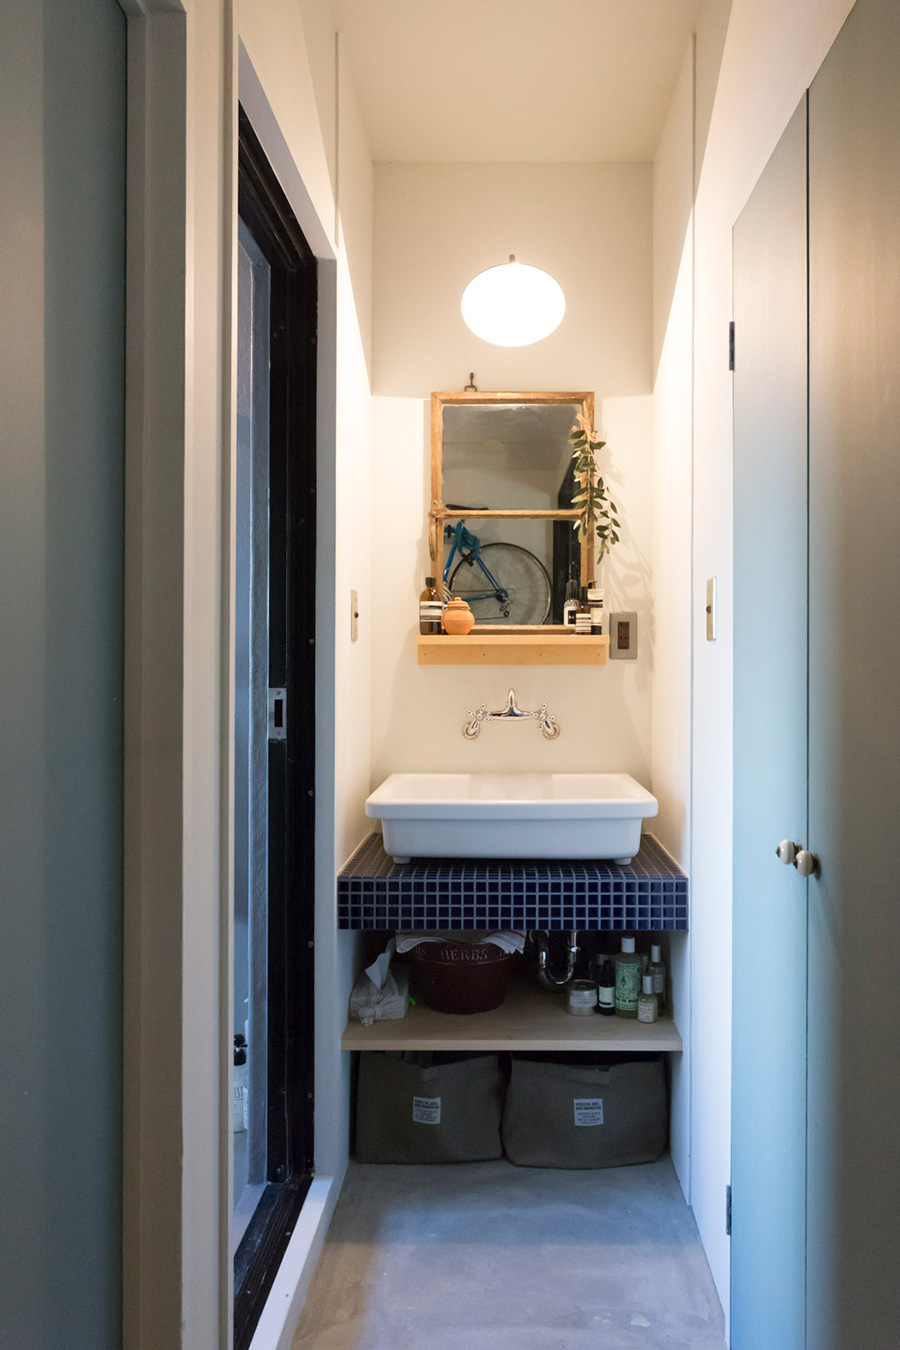 廊下の突き当りが洗面スペース。実験用のシンクを、ブルーのタイルに置くように設置。レトロな蛇口もキュート。